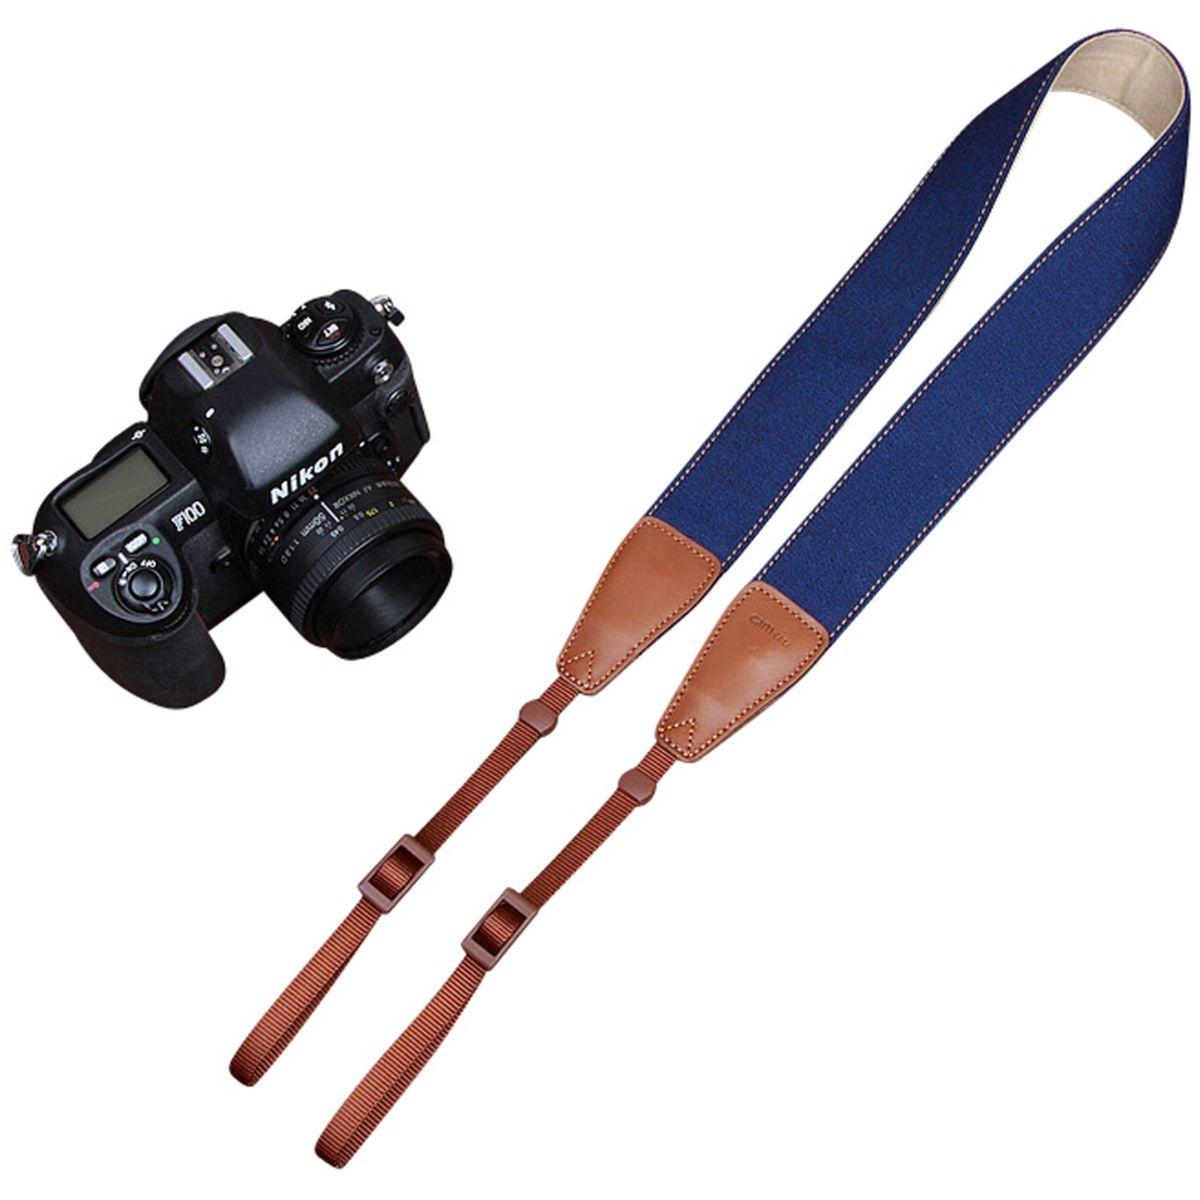 Courroie cam in denim bleu �lectrique - 2% de remise imm�diate avec le code : deal2